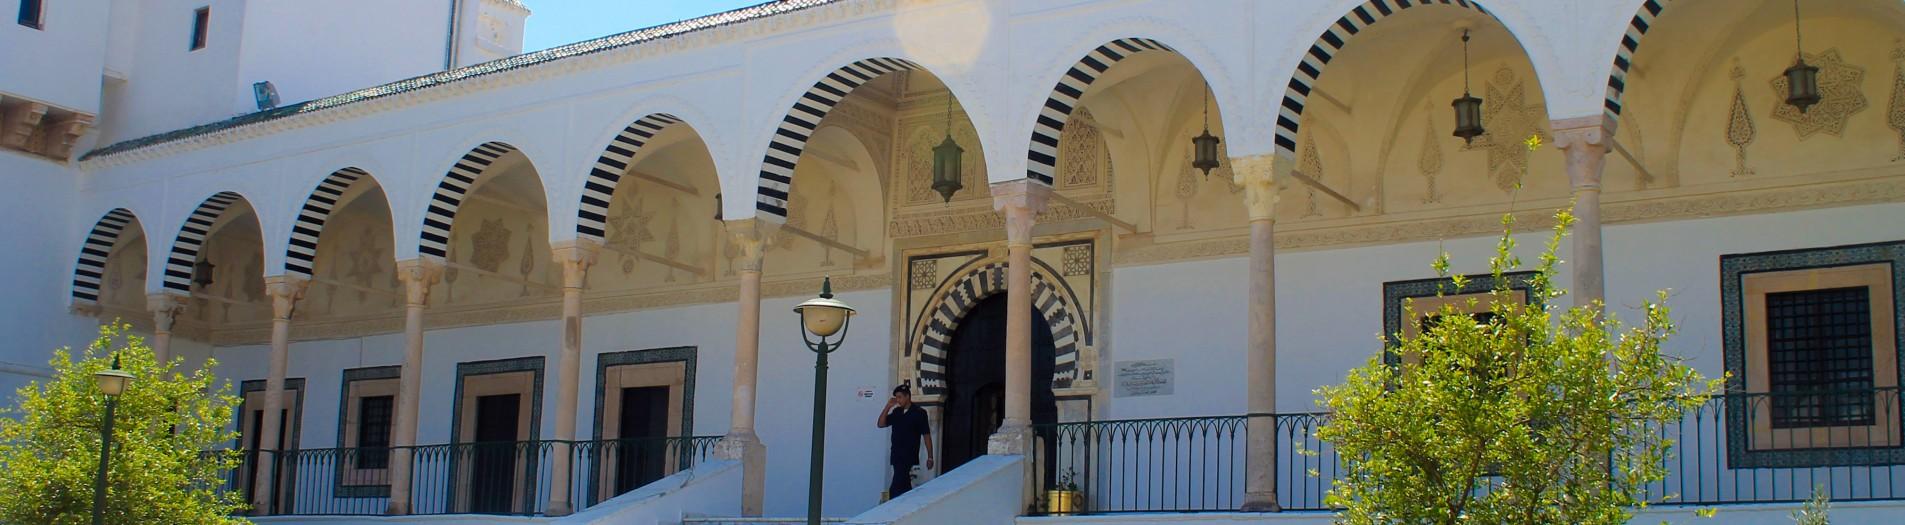 المتحف العسكري بتونس